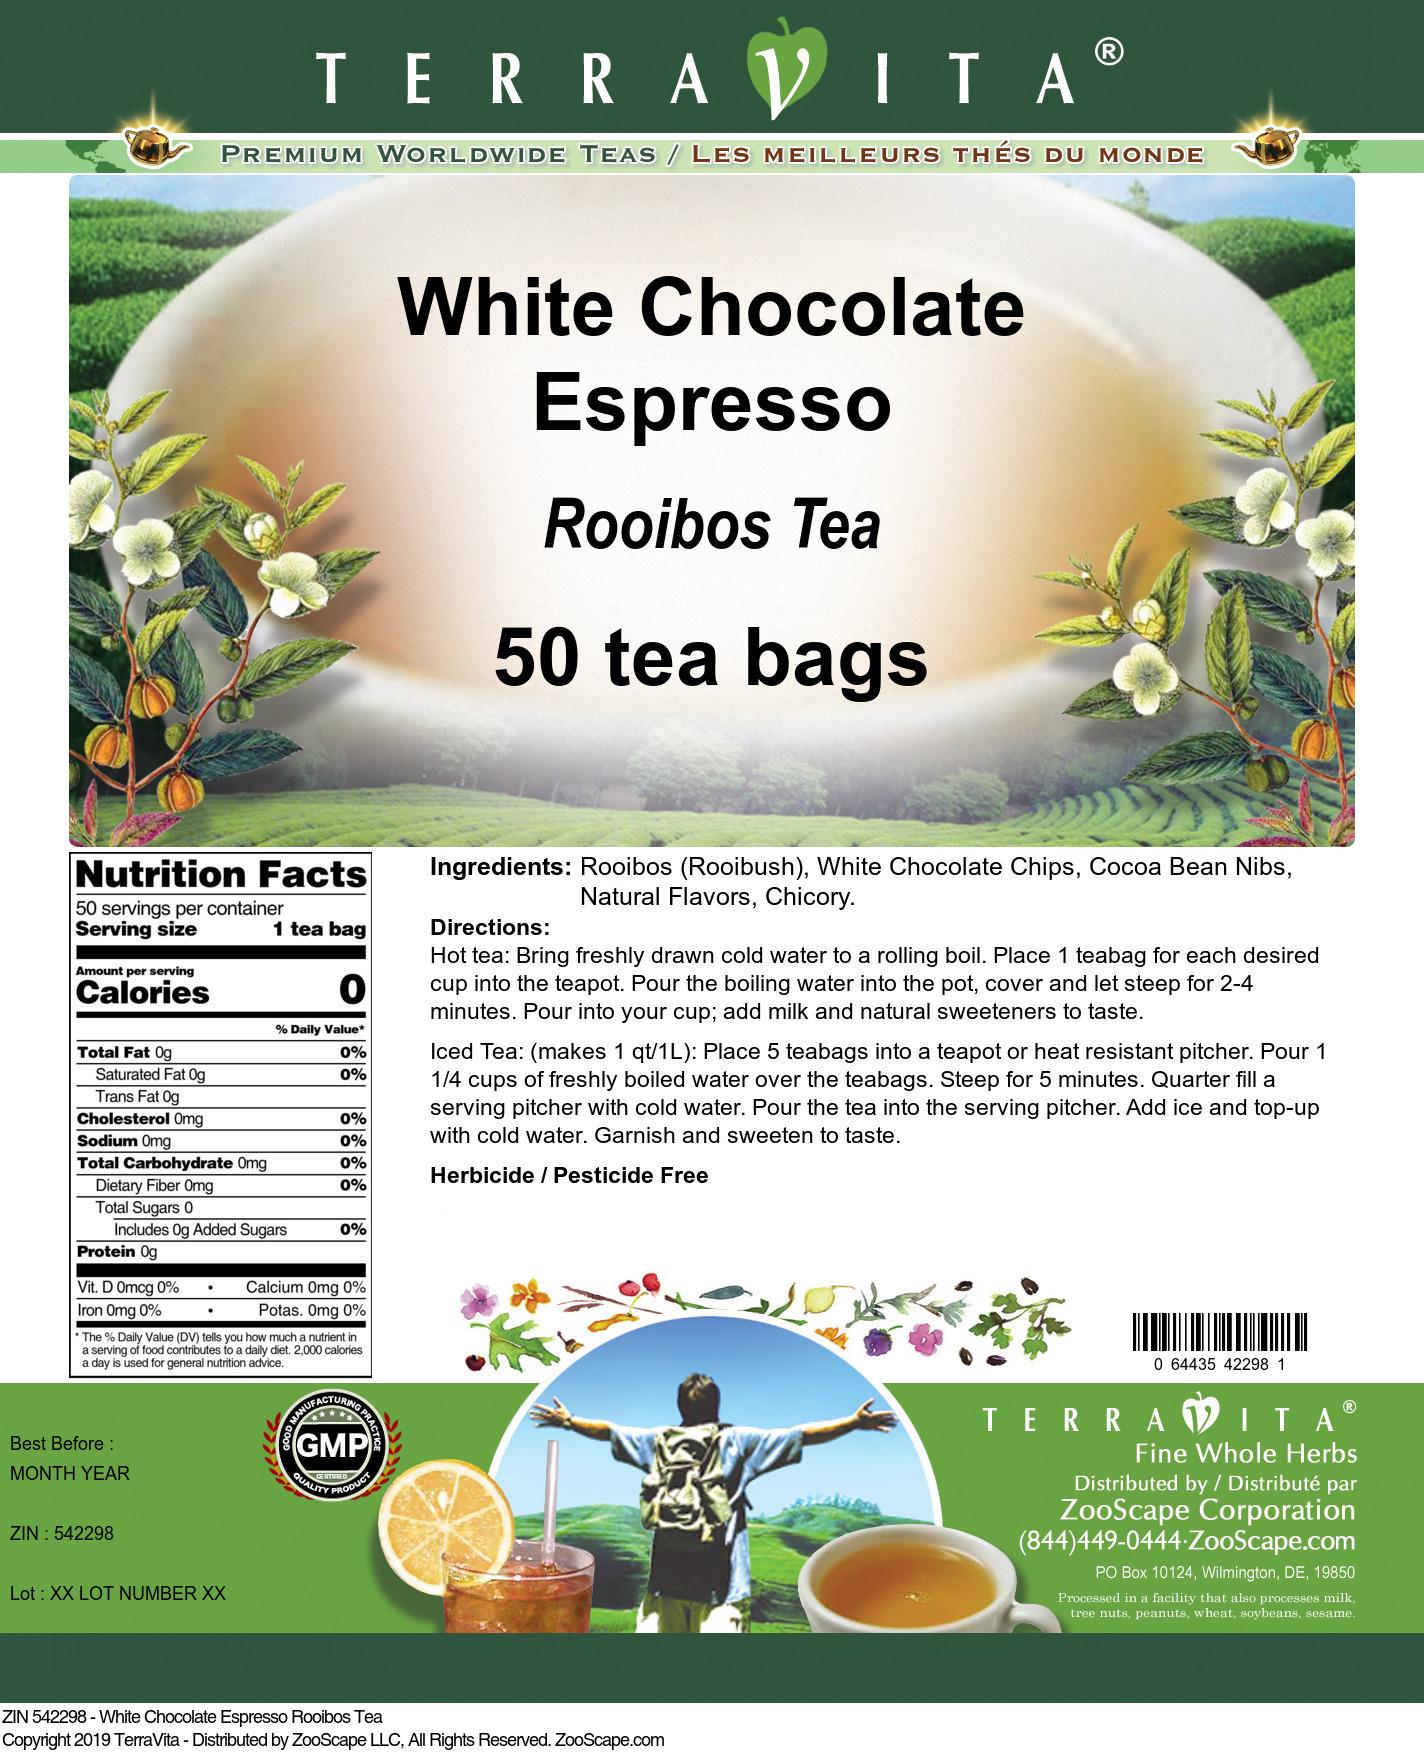 White Chocolate Espresso Rooibos Tea